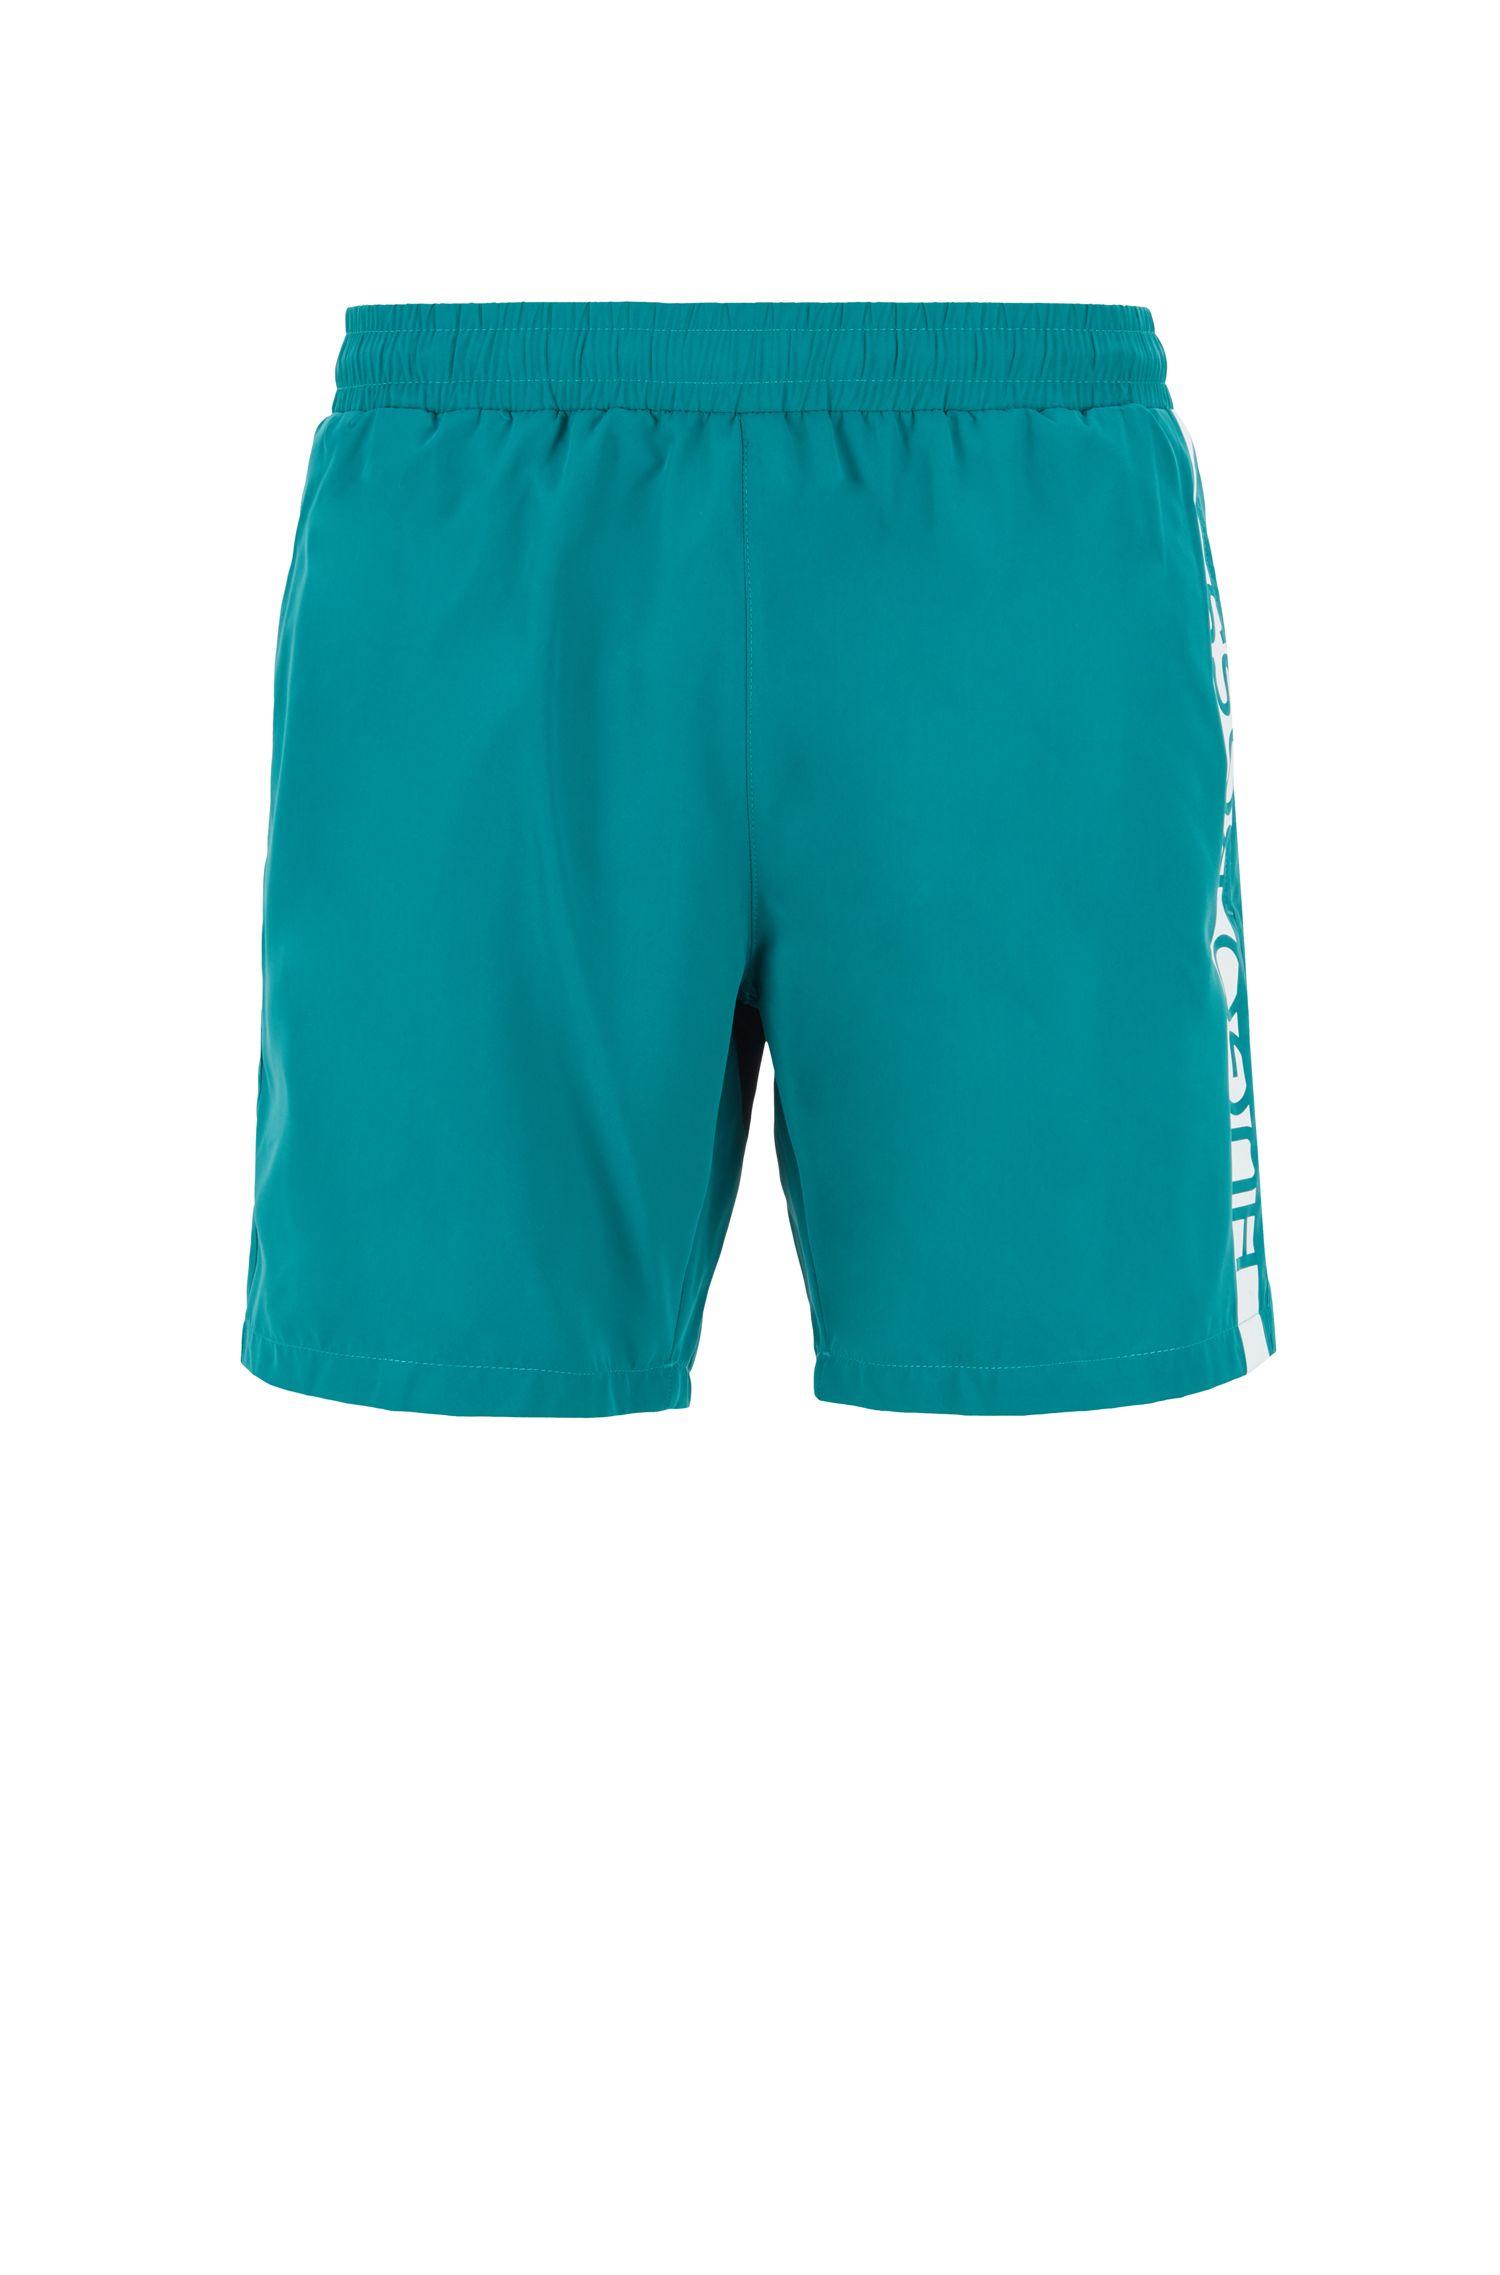 Short de bain longueur au-dessus du genou à logo imprimé thermocollé, Vert sombre